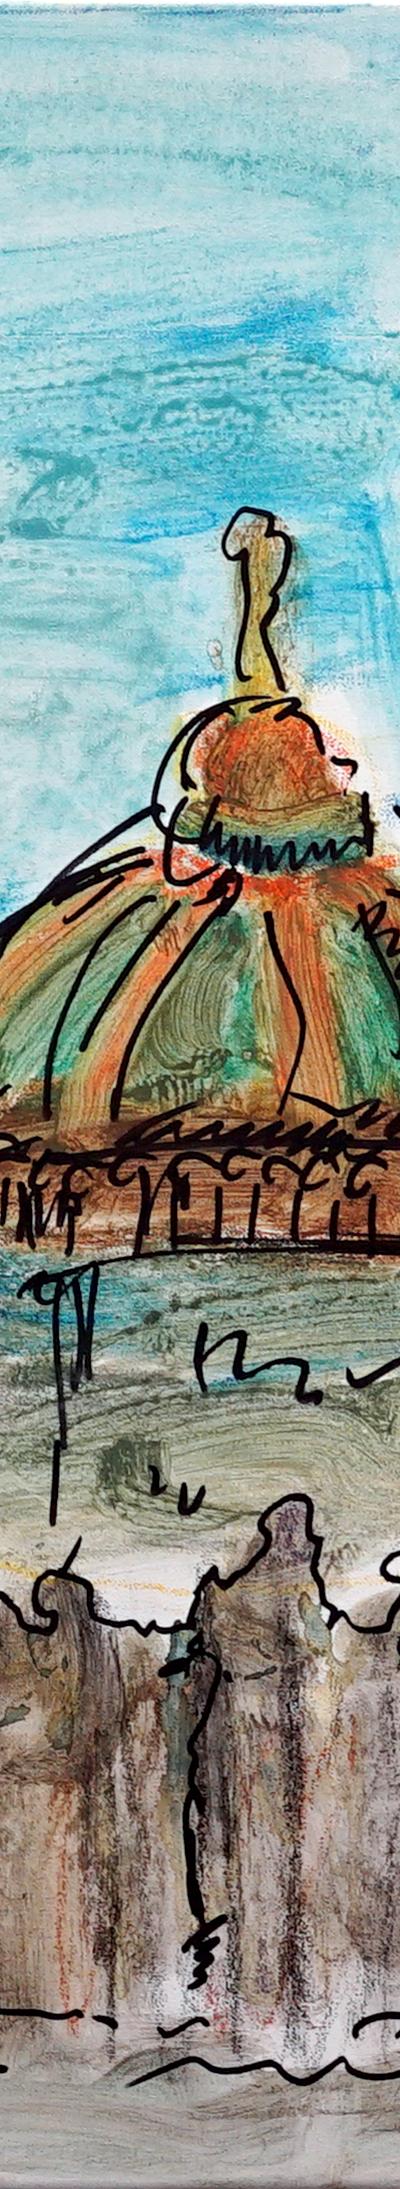 landscape 79x60 cm, pastel